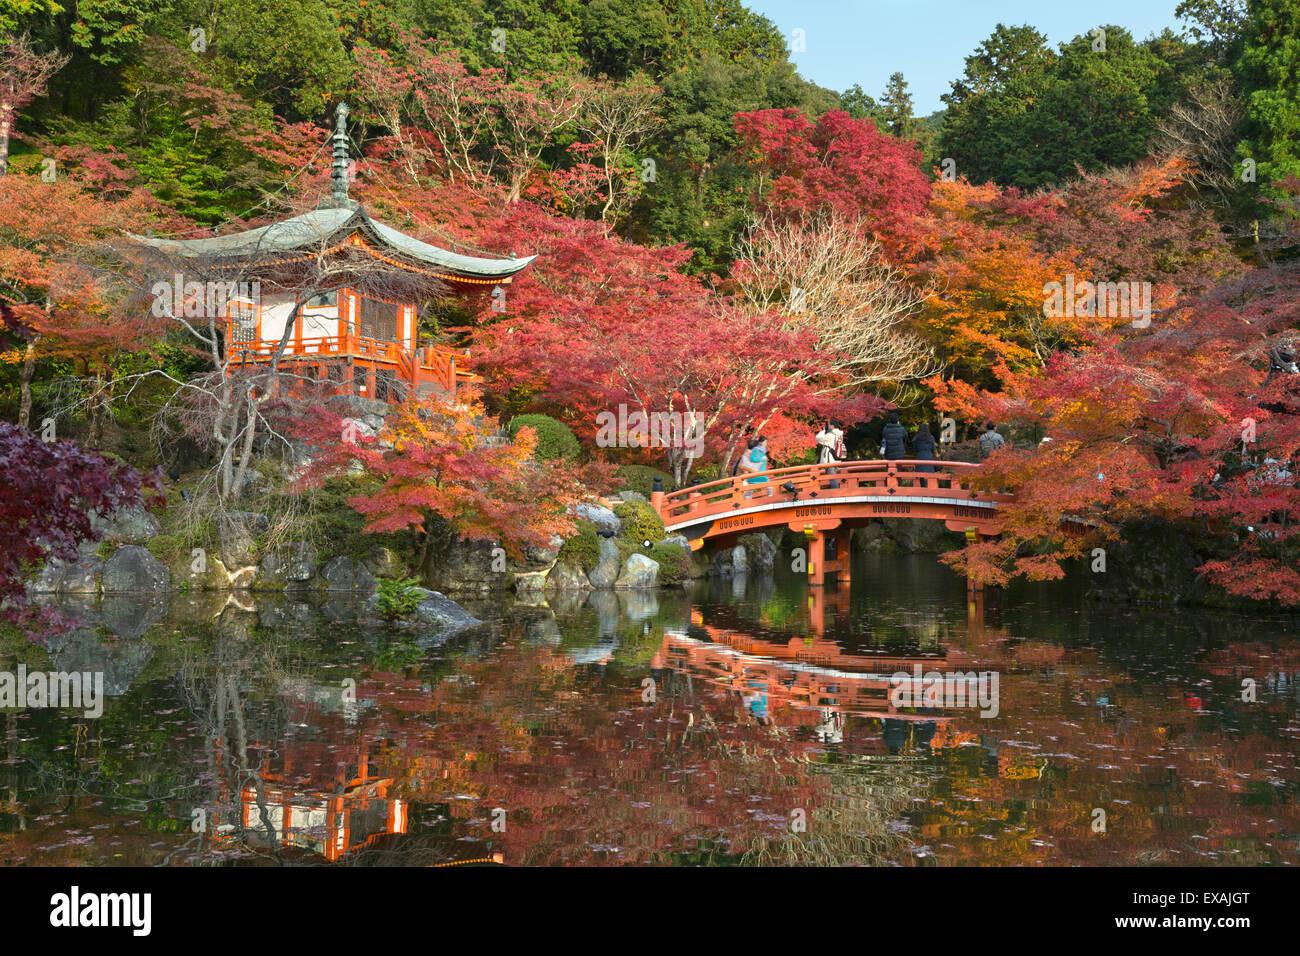 Kyoto Garden Autumn Stock Photos & Kyoto Garden Autumn Stock Images ...